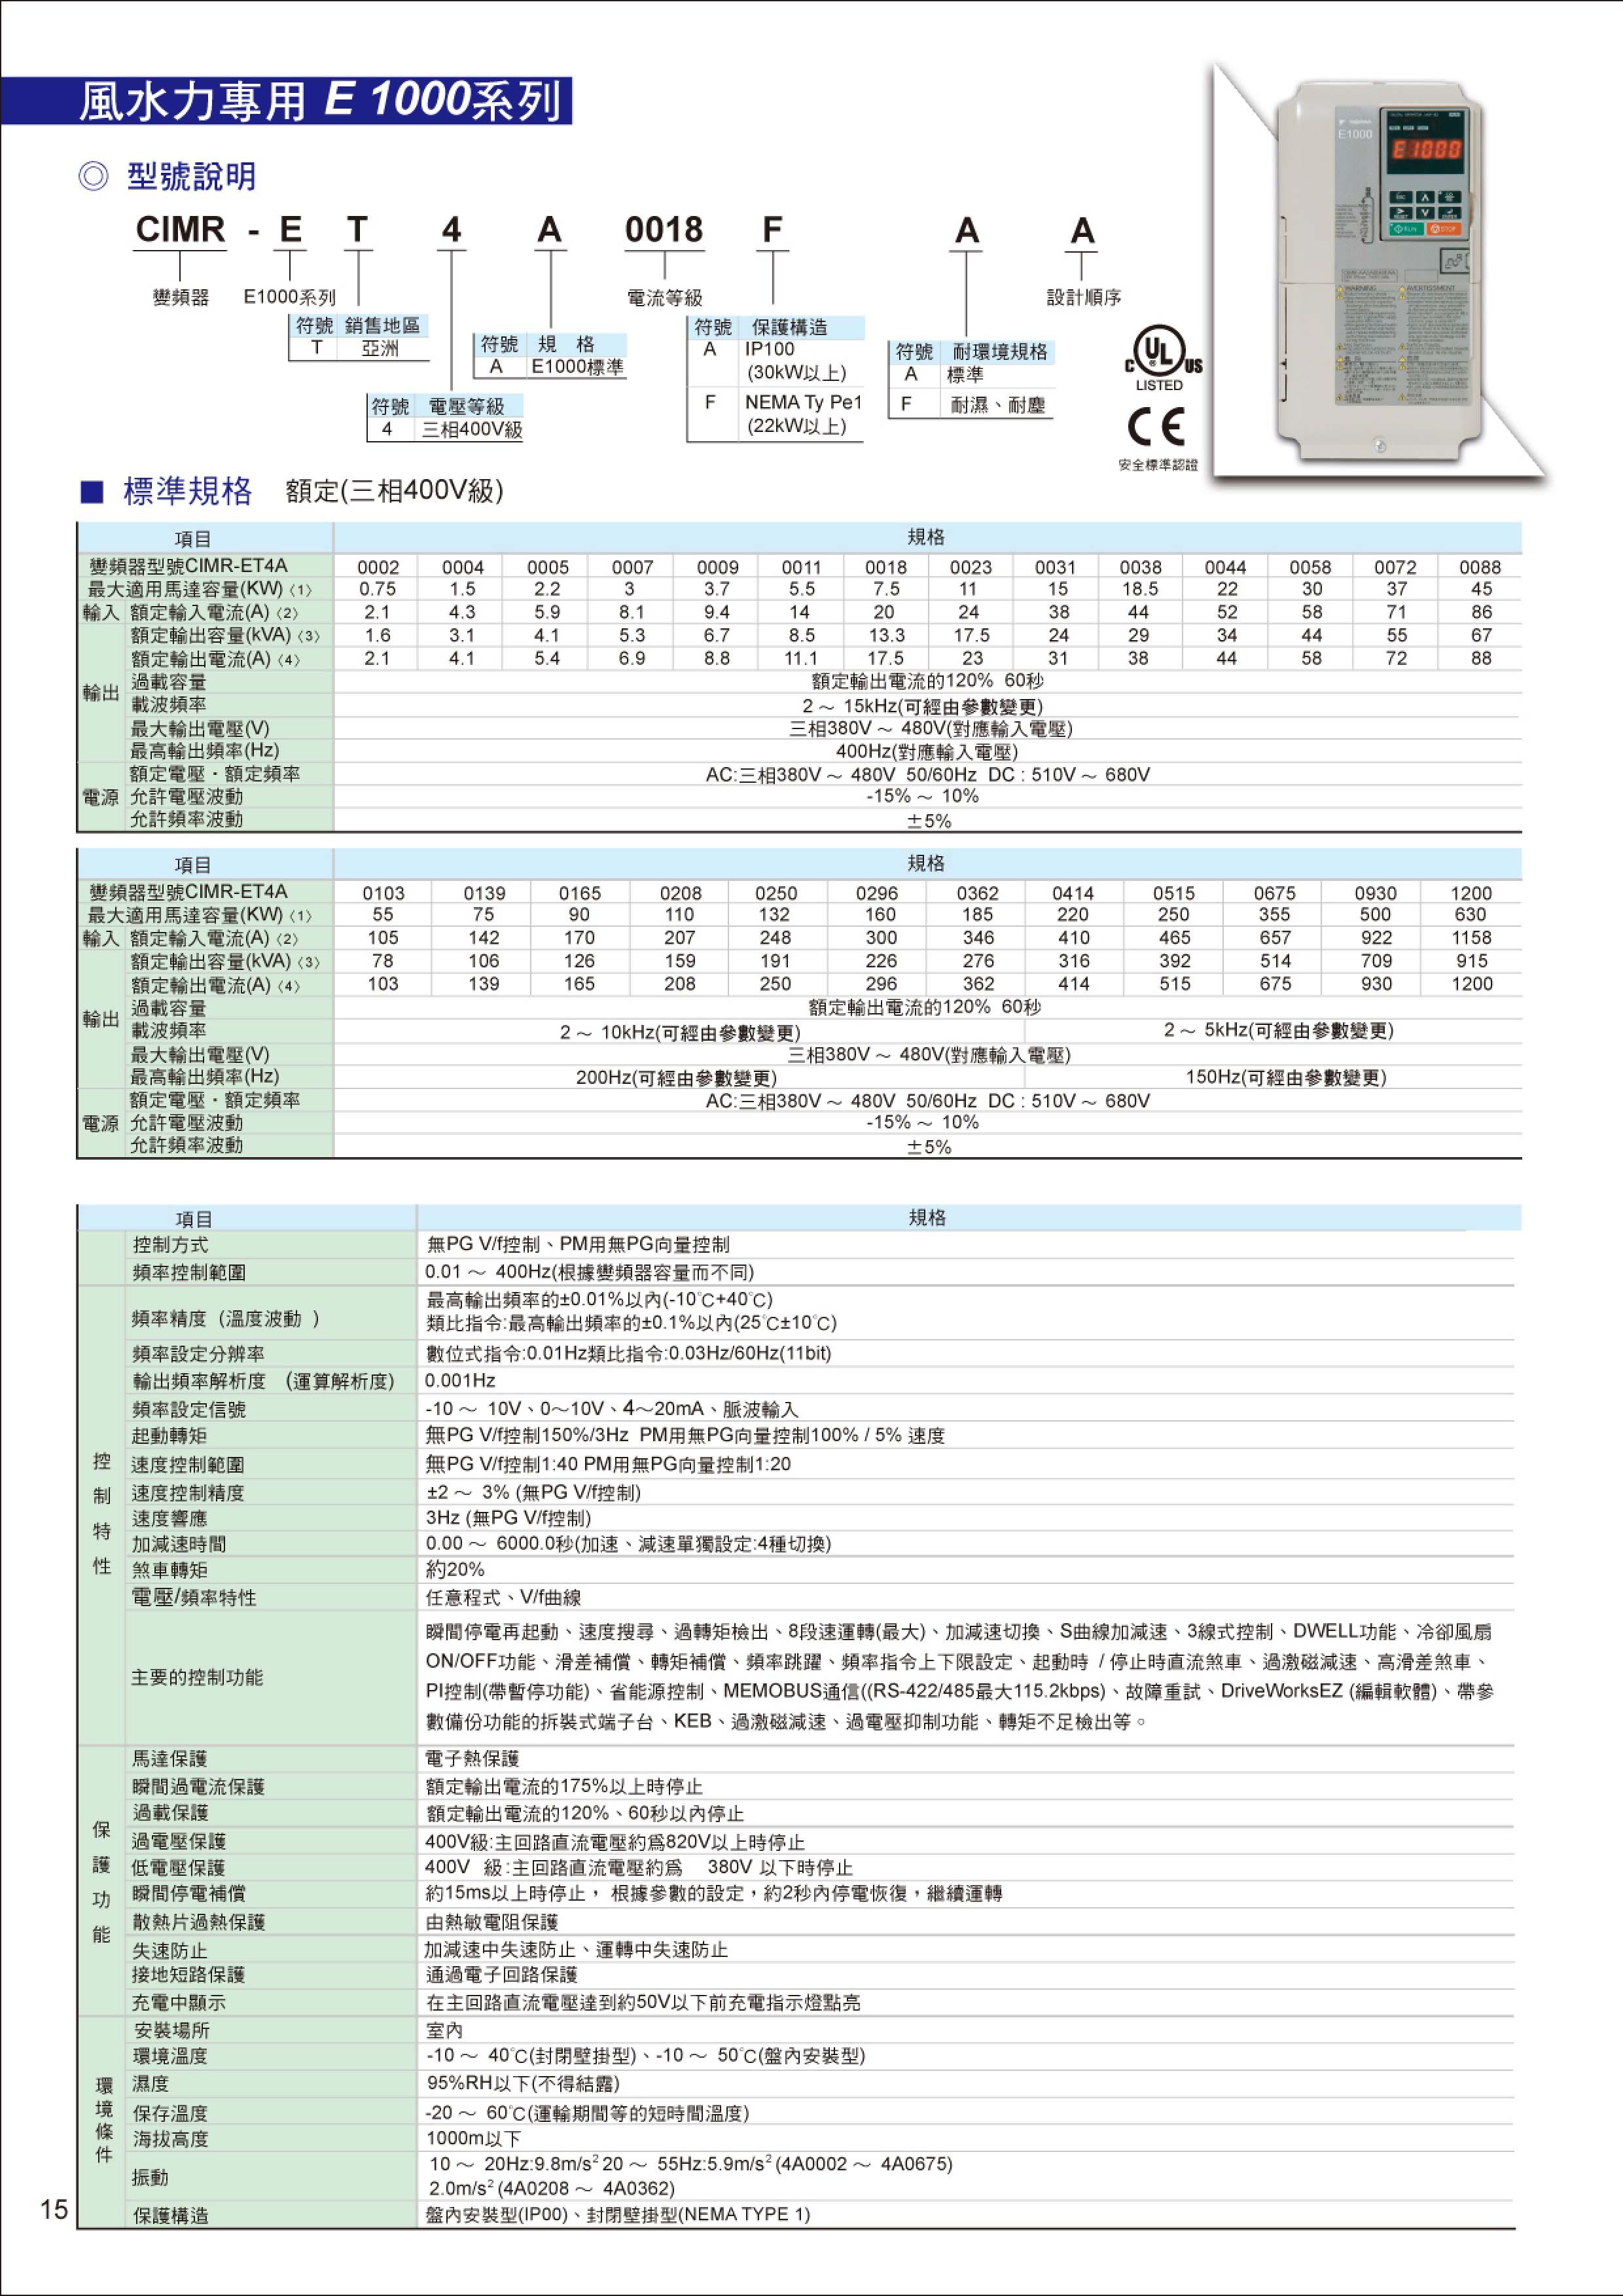 安川變頻器型錄-2012-07-16